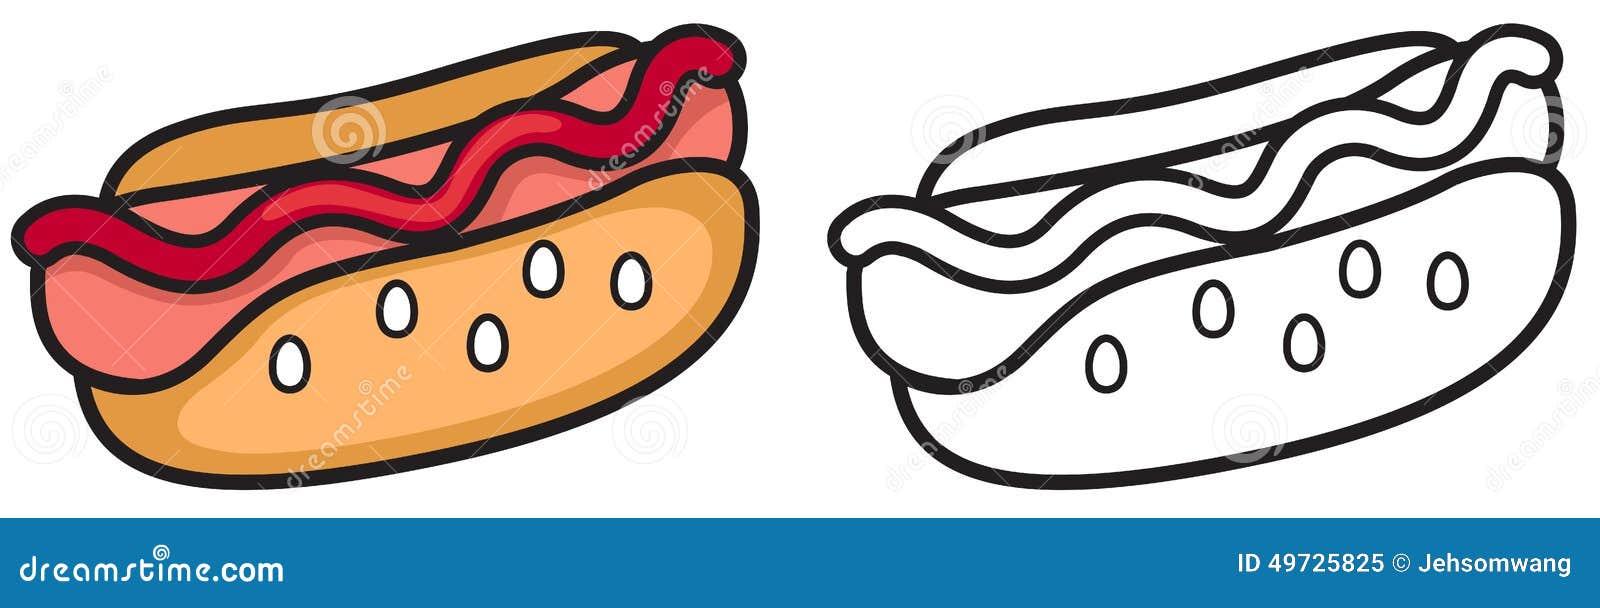 Hot Dog Cane